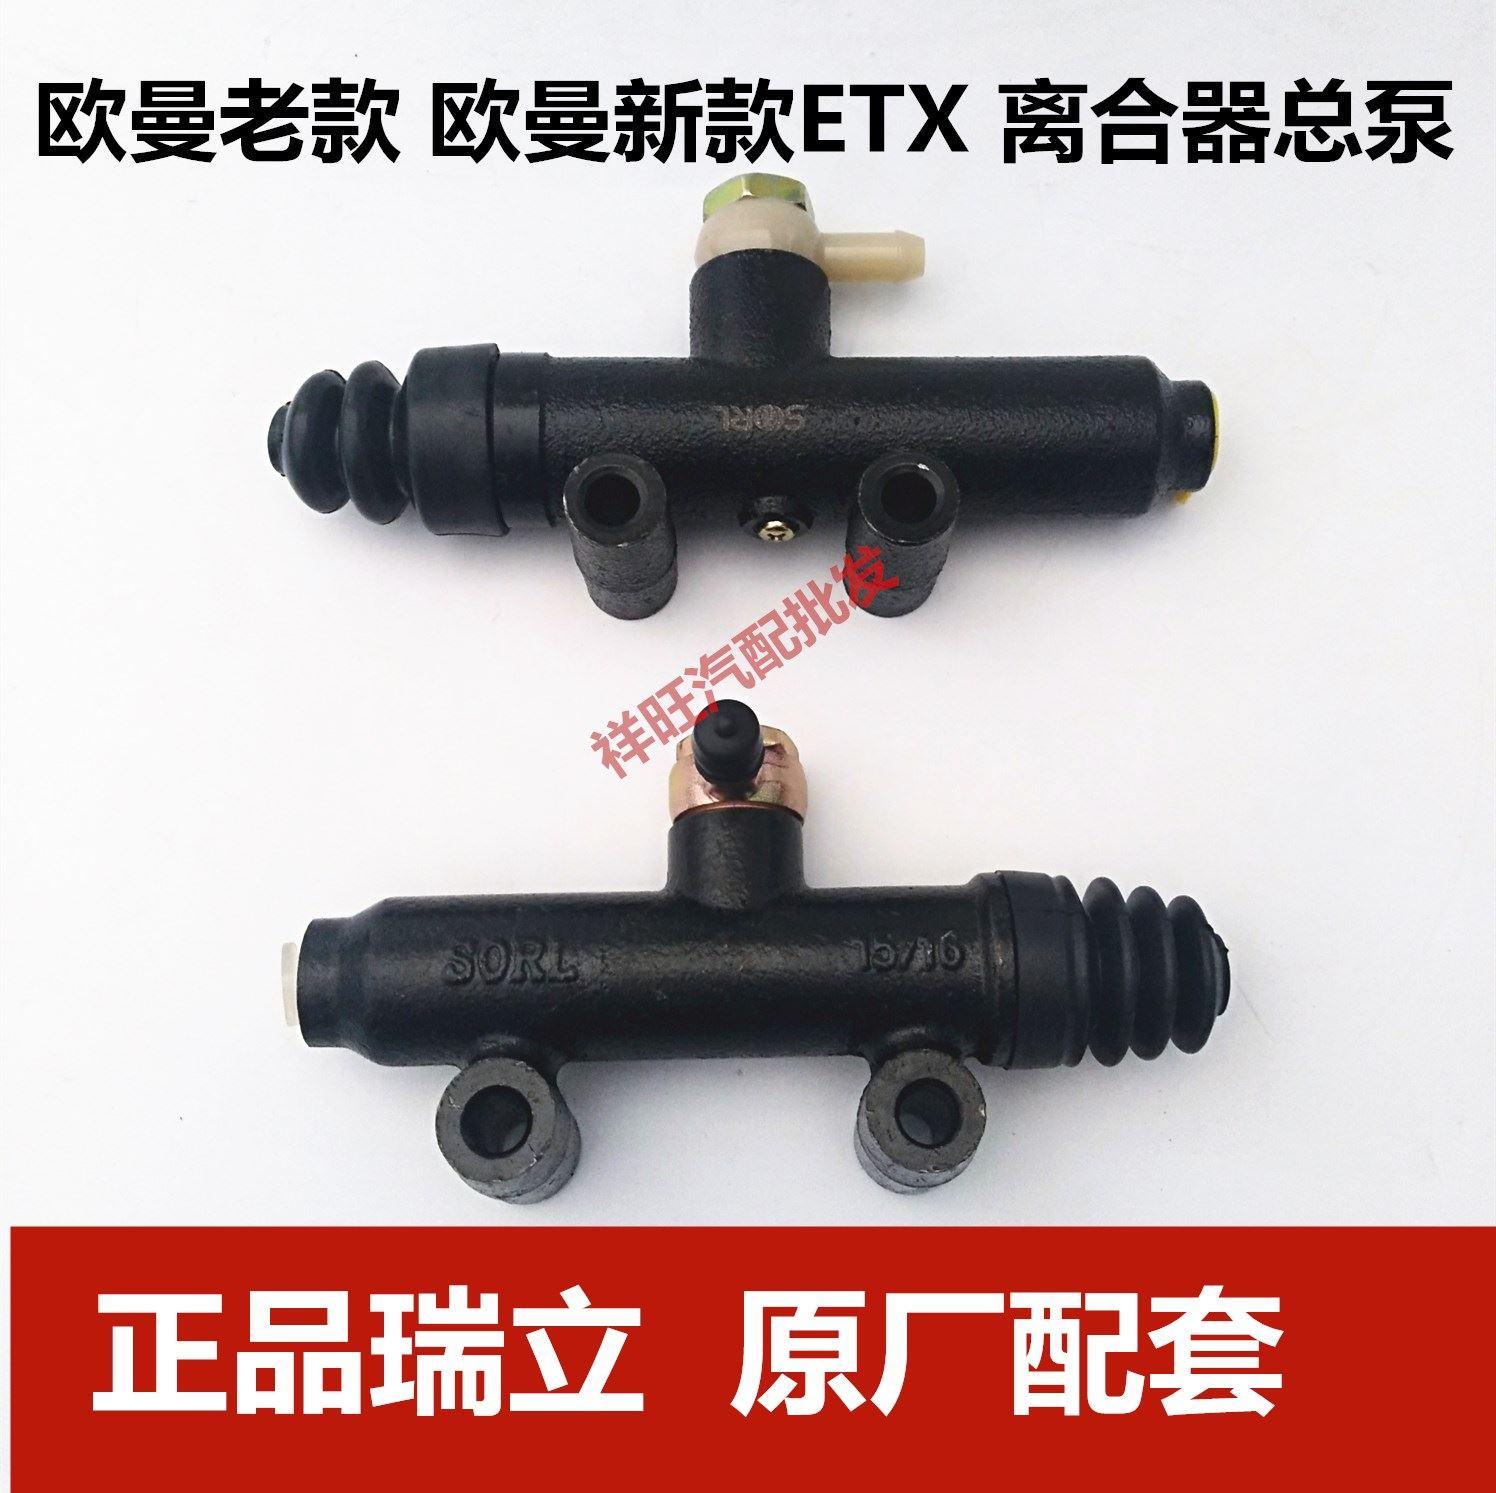 欧曼离合器欧曼ETX离合器总泵欧曼雄狮离合器总泵瑞立欧曼5系6系